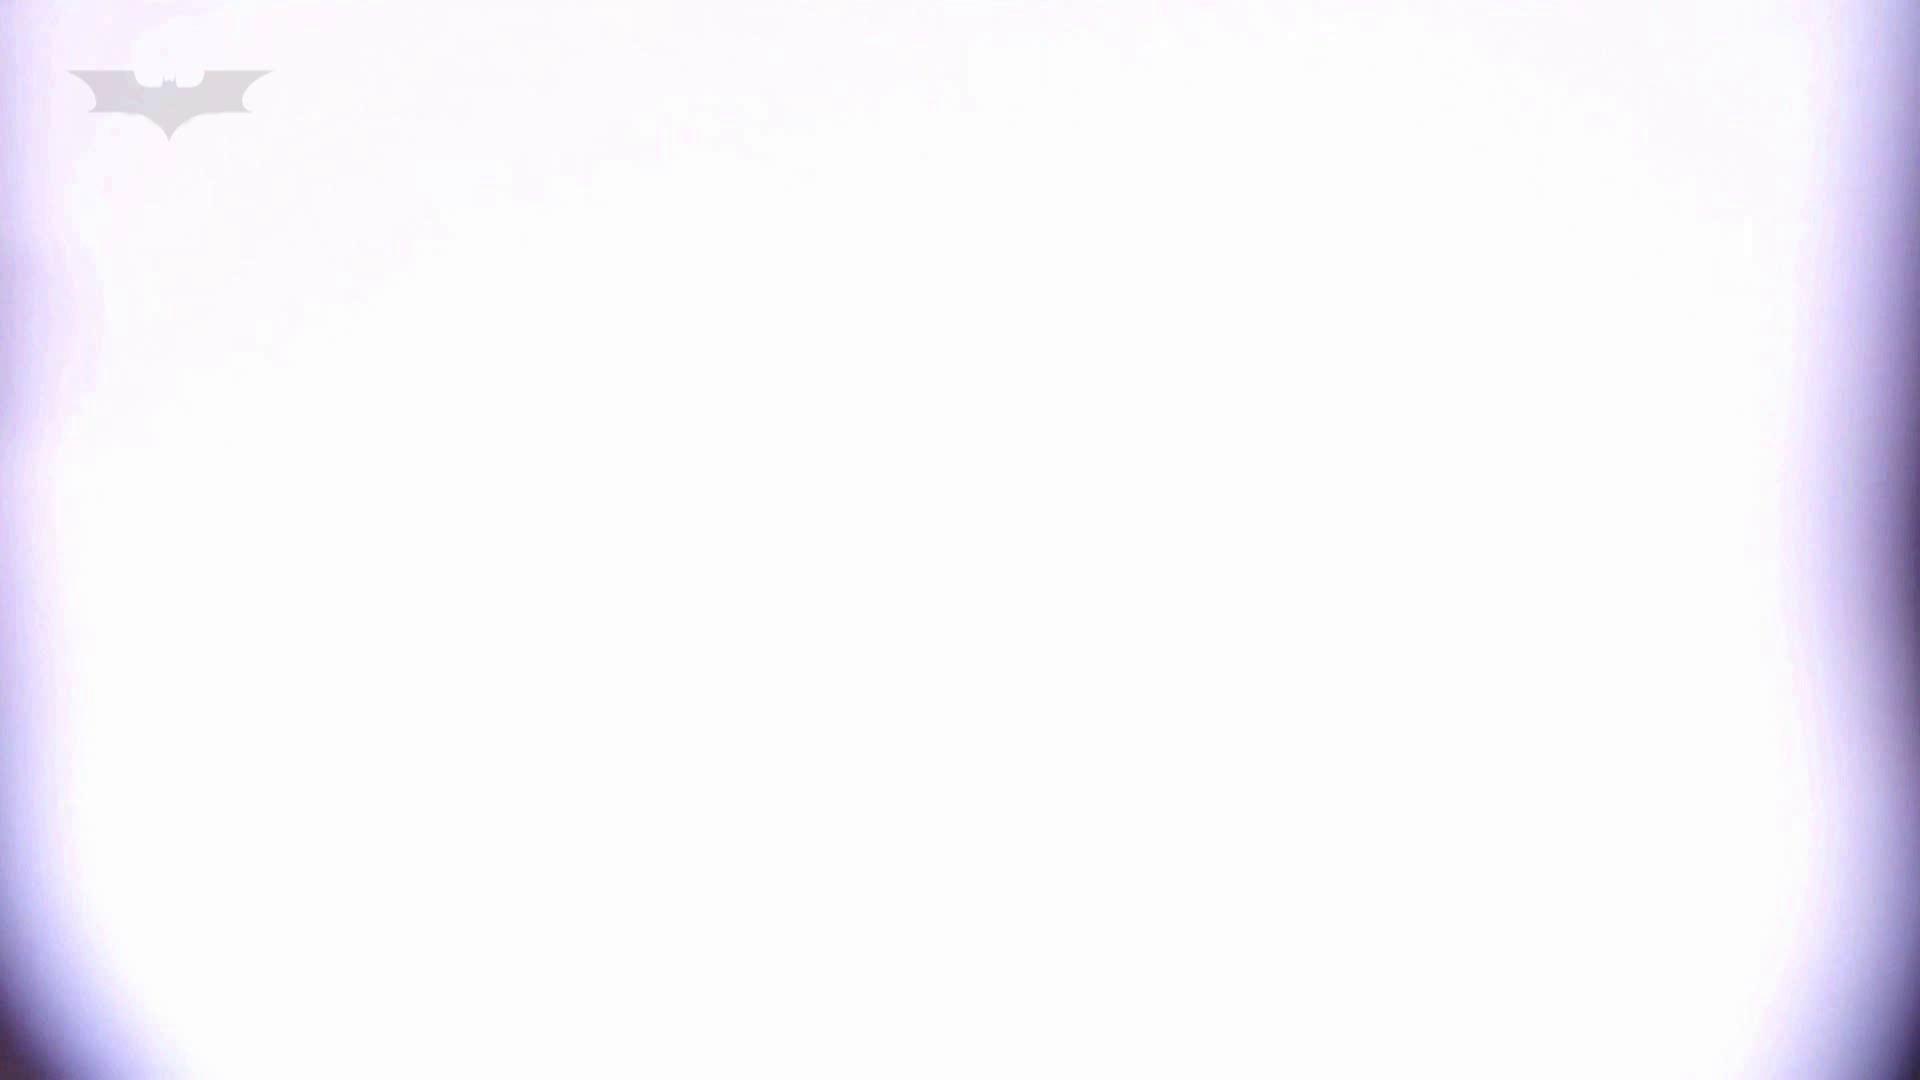 お銀 vol.70 女性の日特集!! タレント並みの美人 ヌード画像 99枚 59